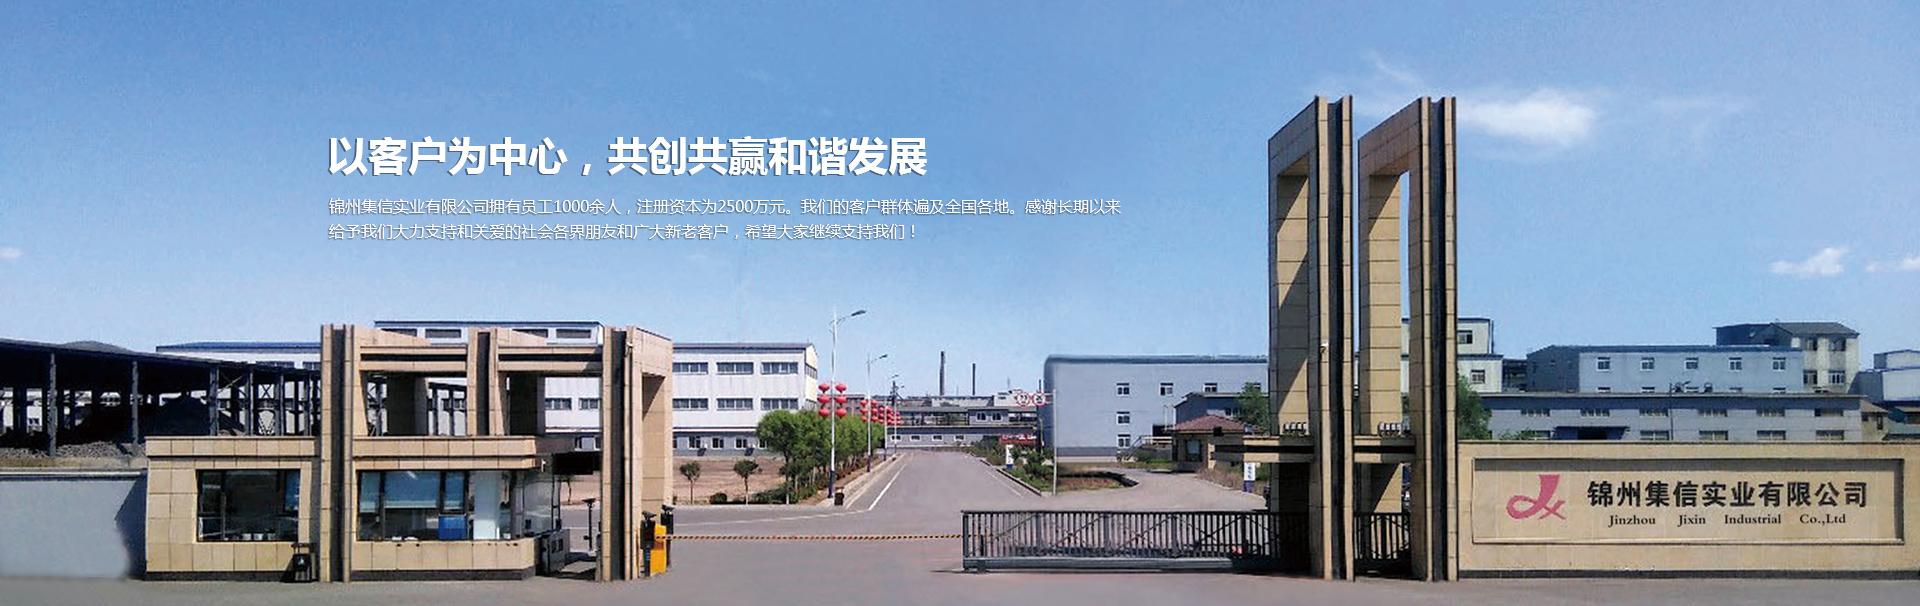 錦州集信實業1